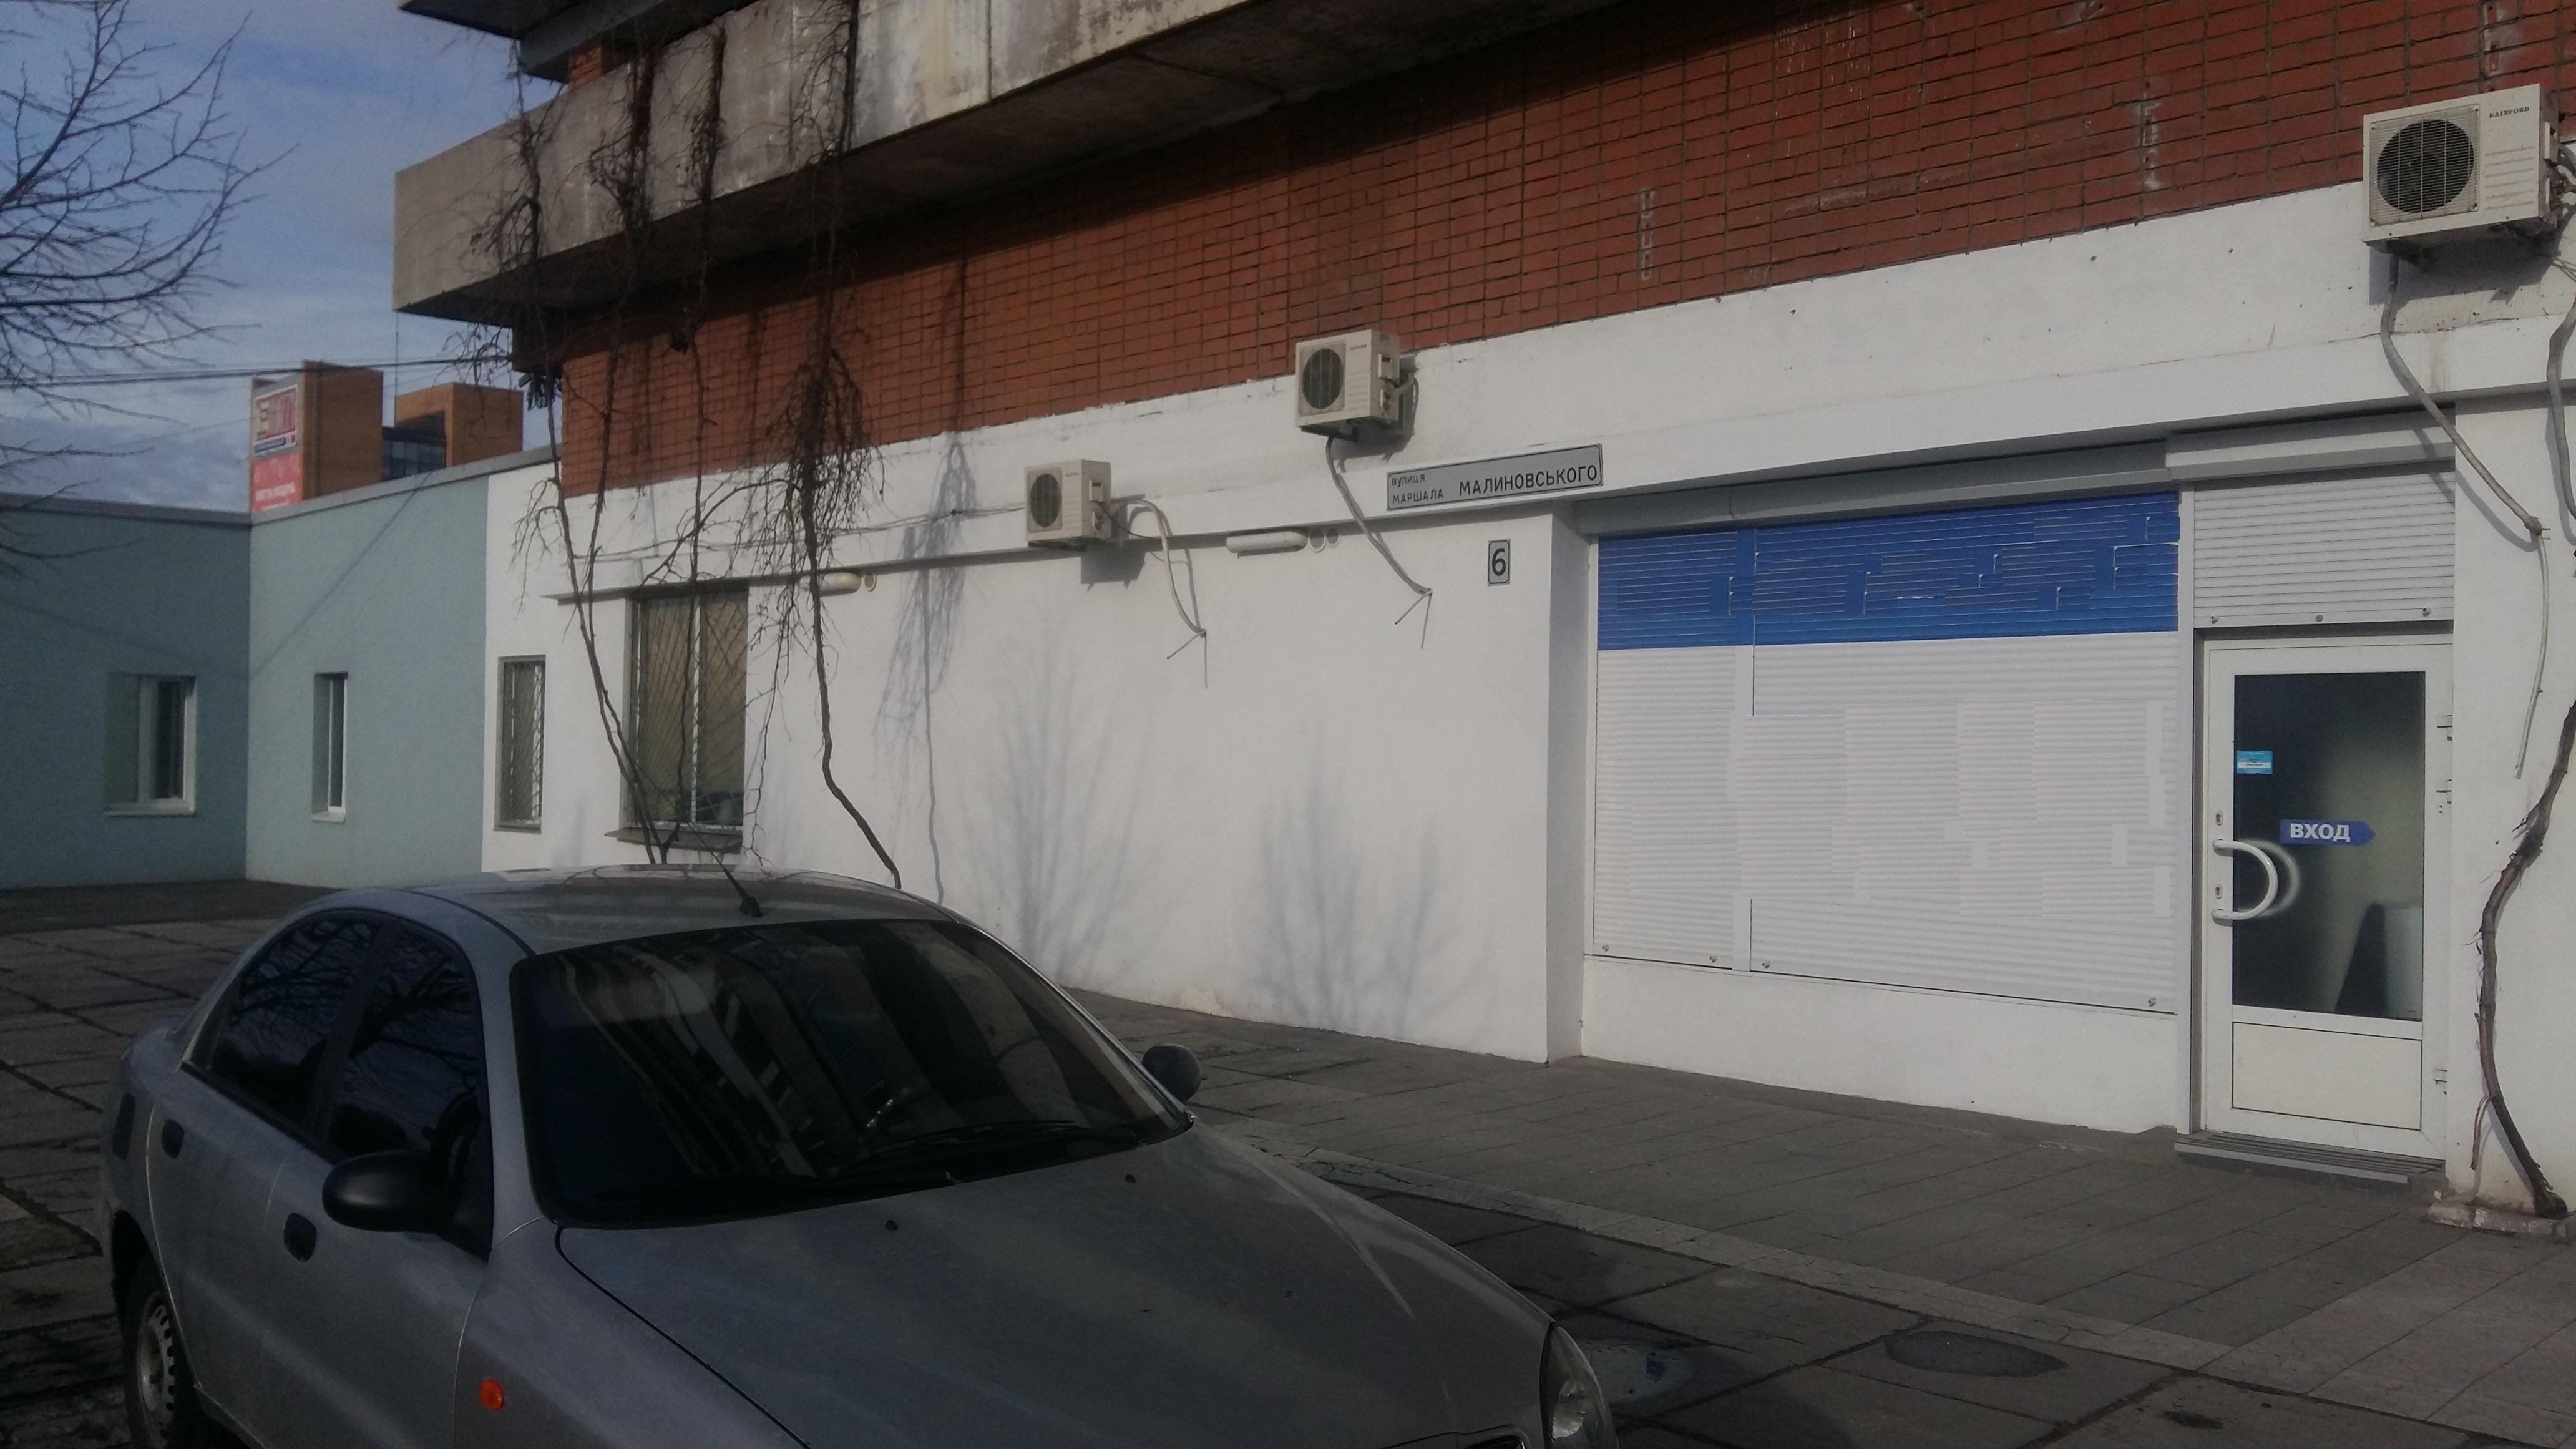 Нежитлові приміщення в м. Дніпро, площею 90,2 кв.м